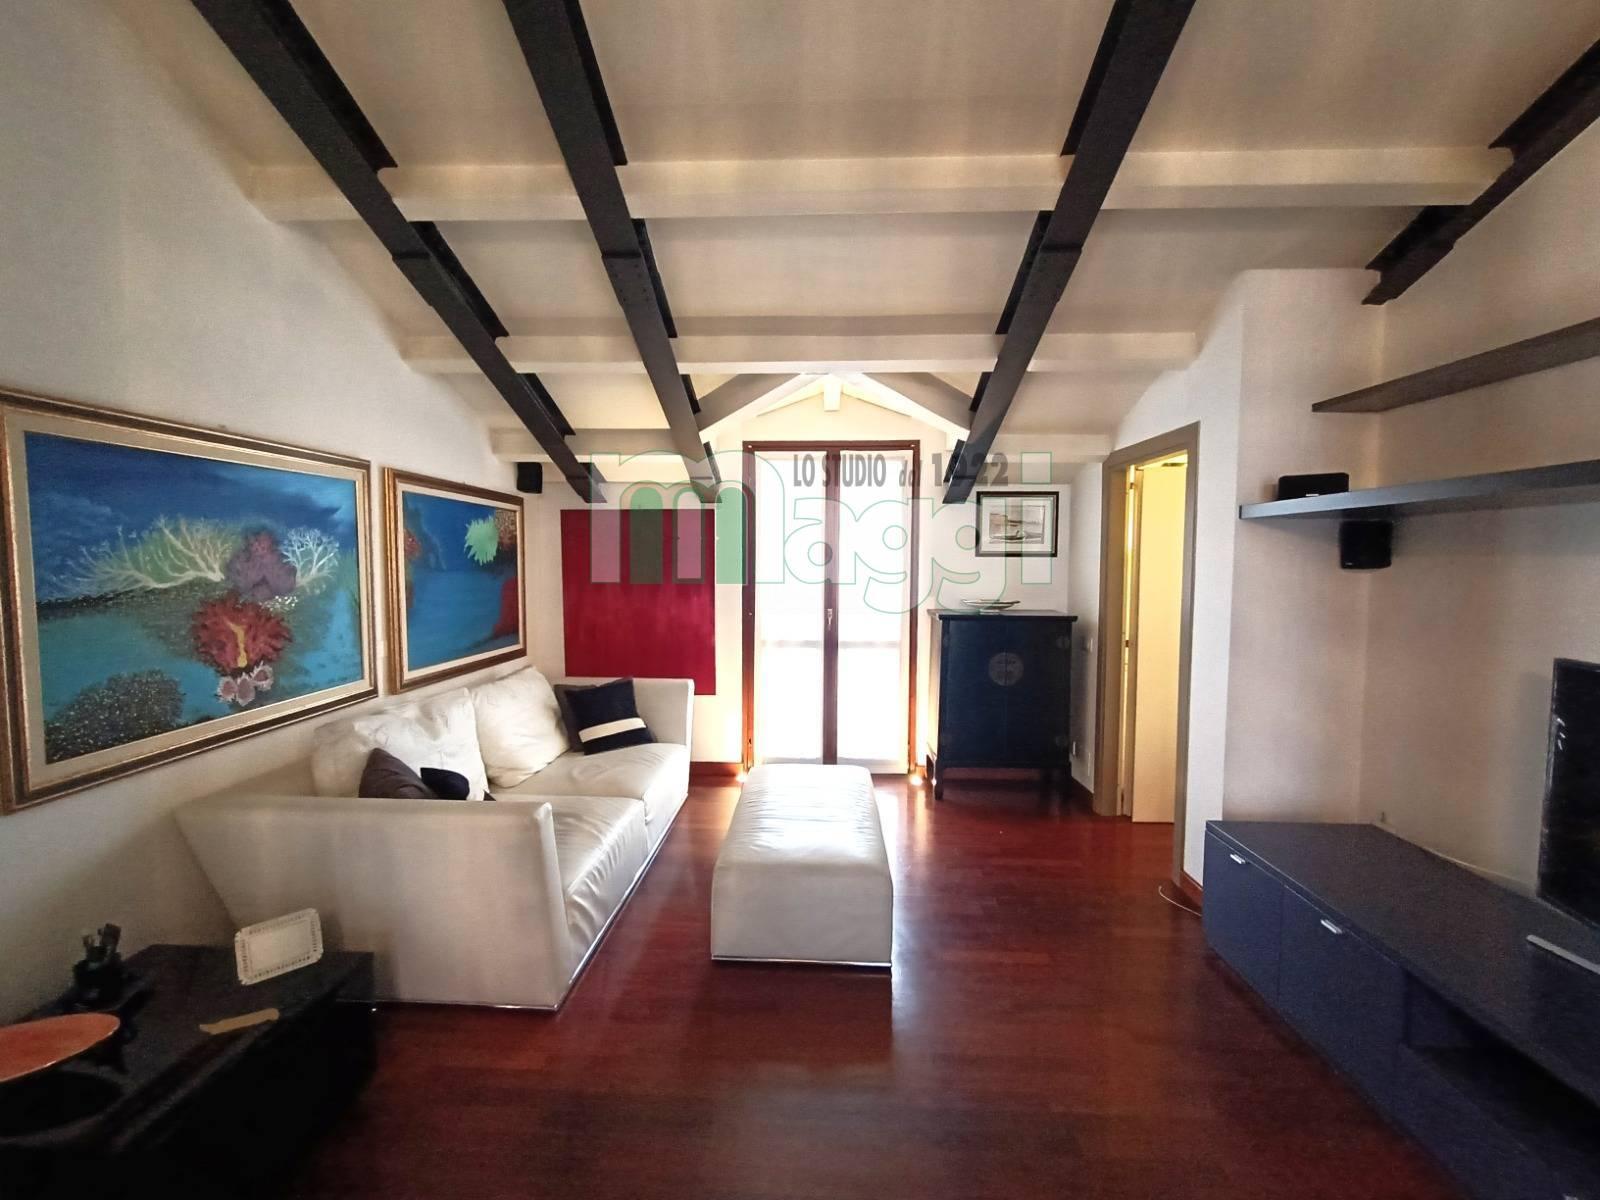 Attico in Affitto a Milano: 2 locali, 60 mq